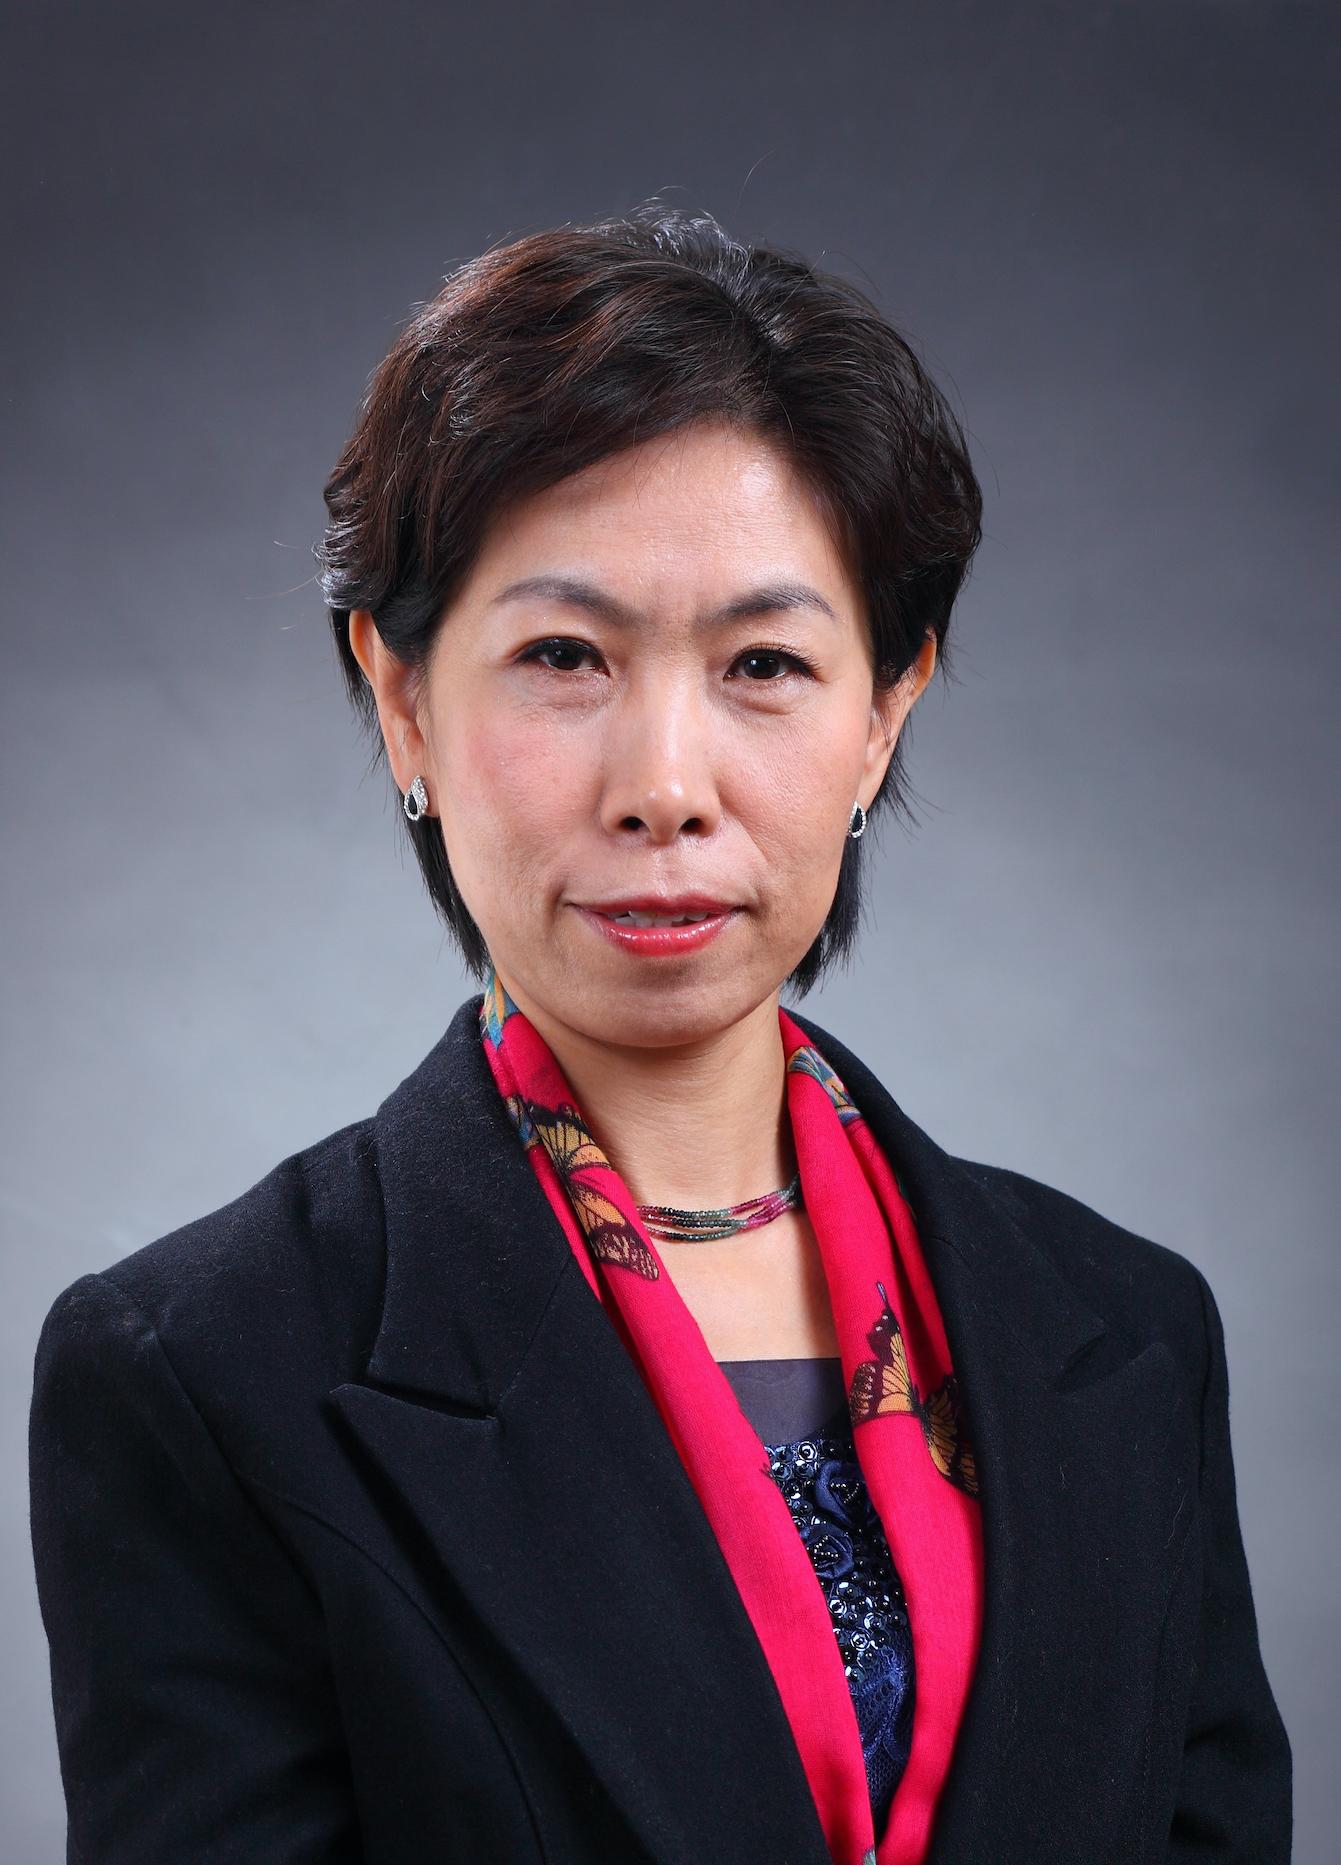 邢婉丽教授/总裁